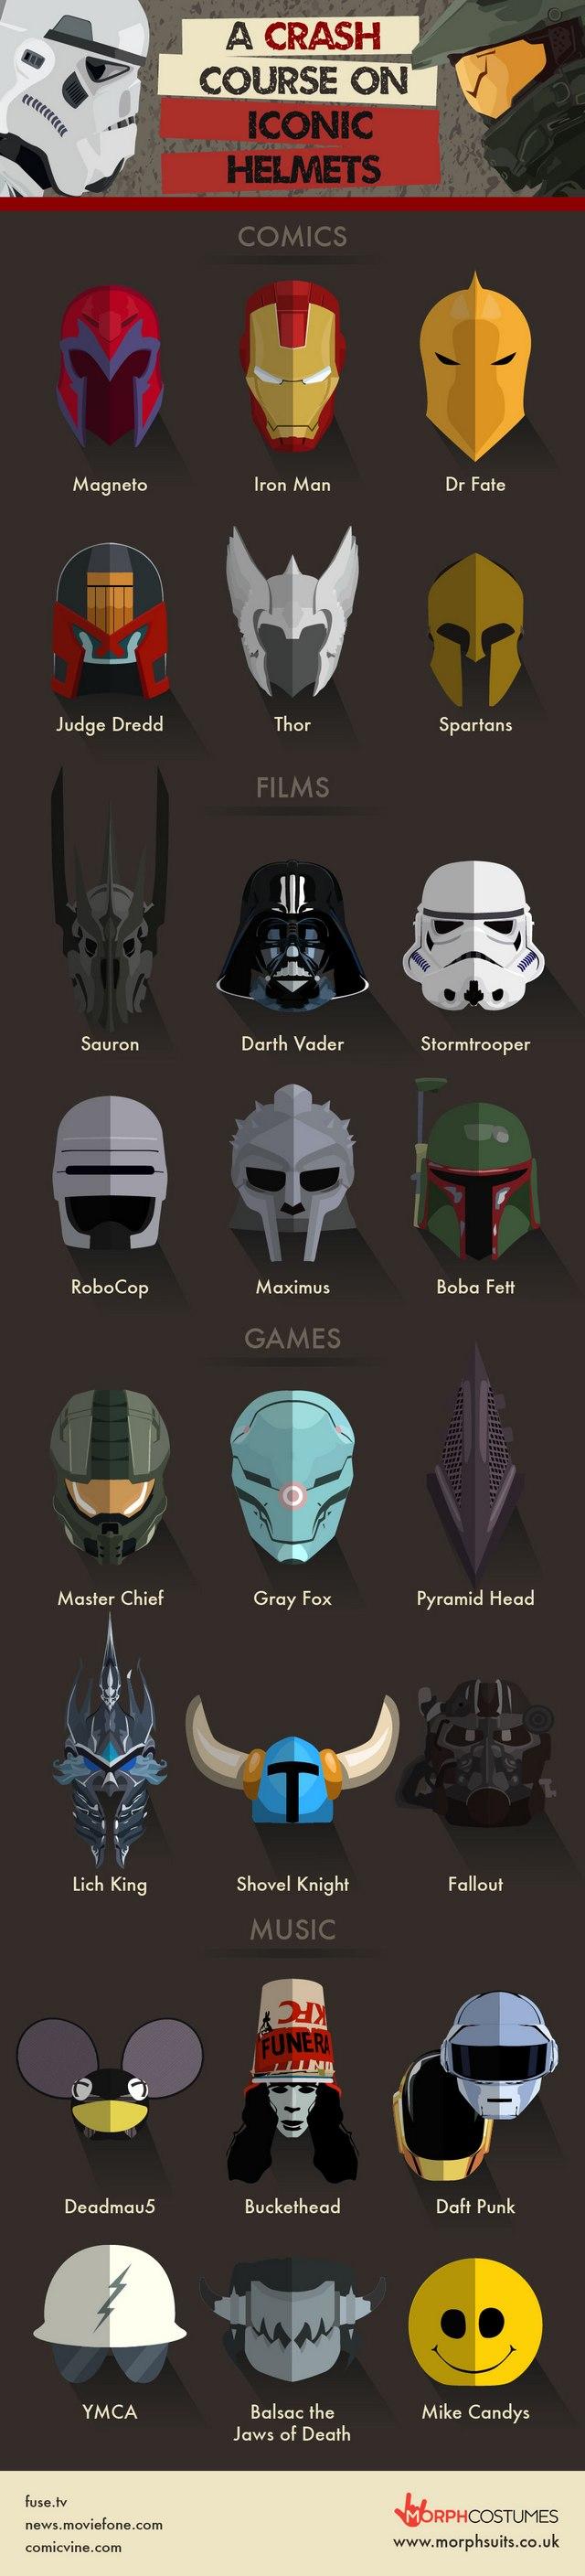 Iconic-Helmets-infographic